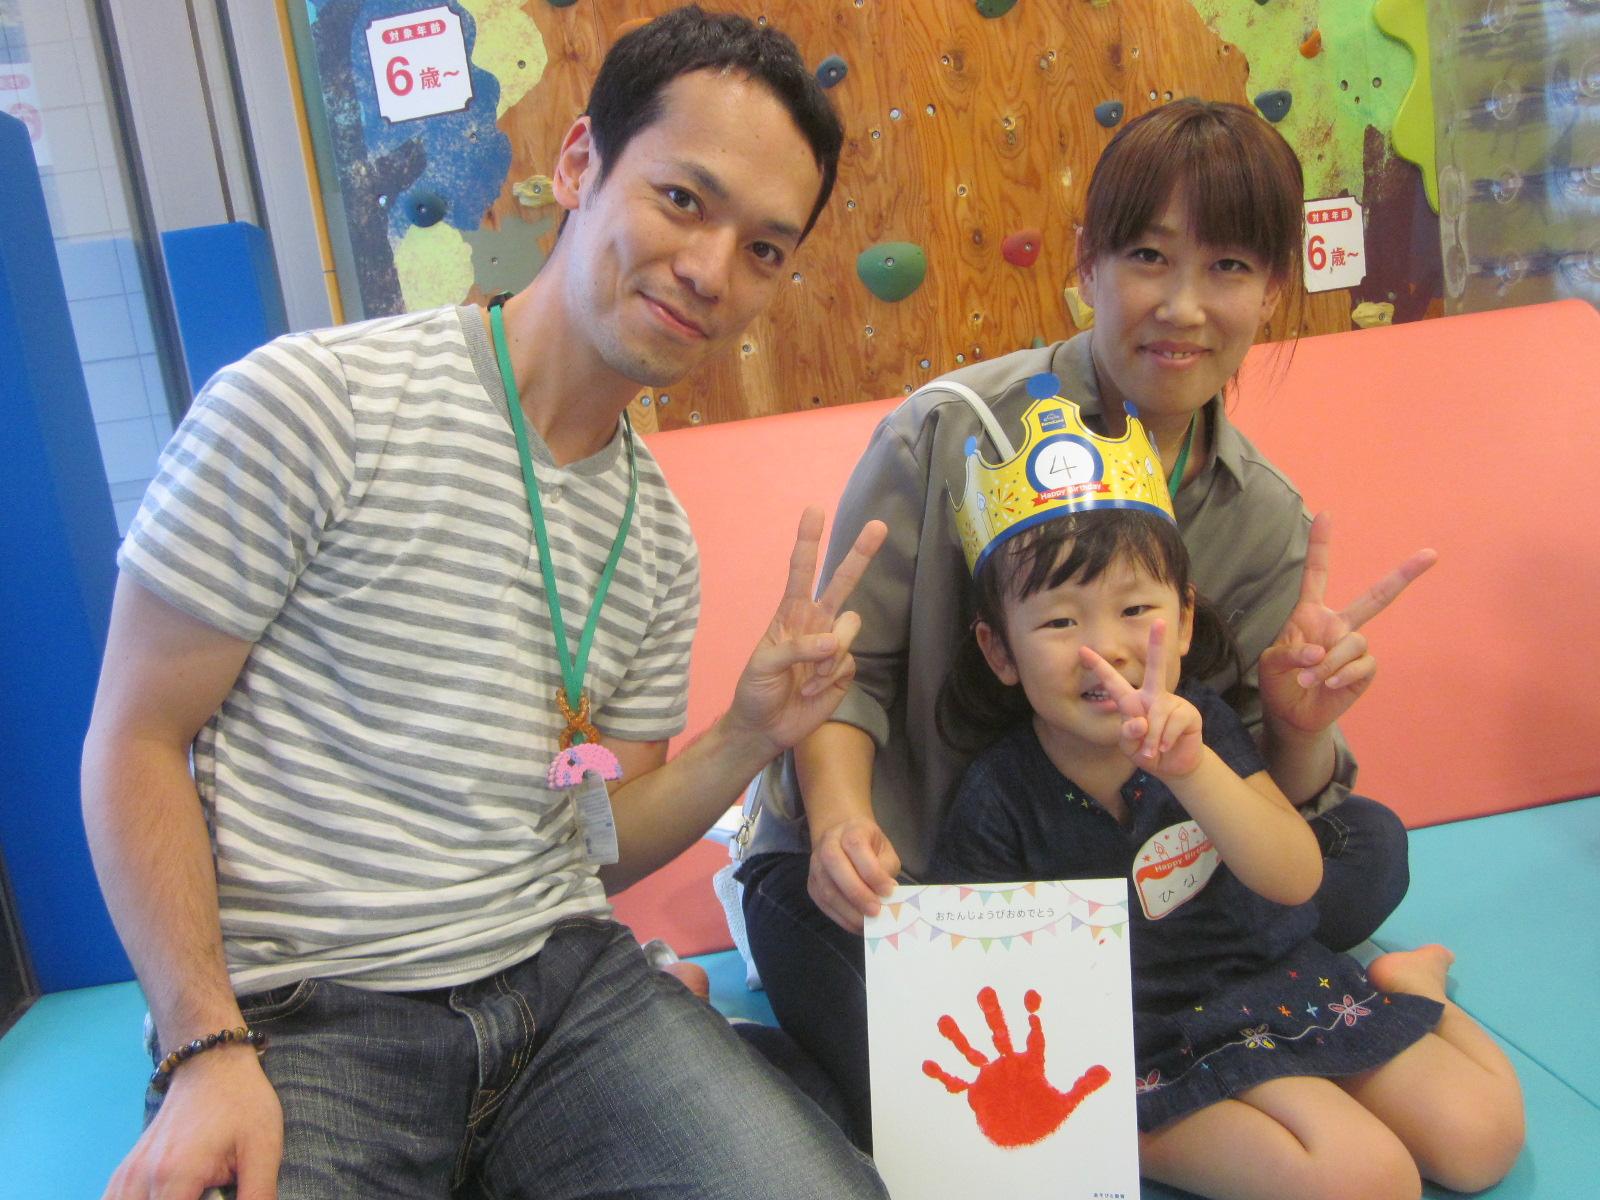 5月お誕生日の子集まれ!「キドキドお誕生日会♪」